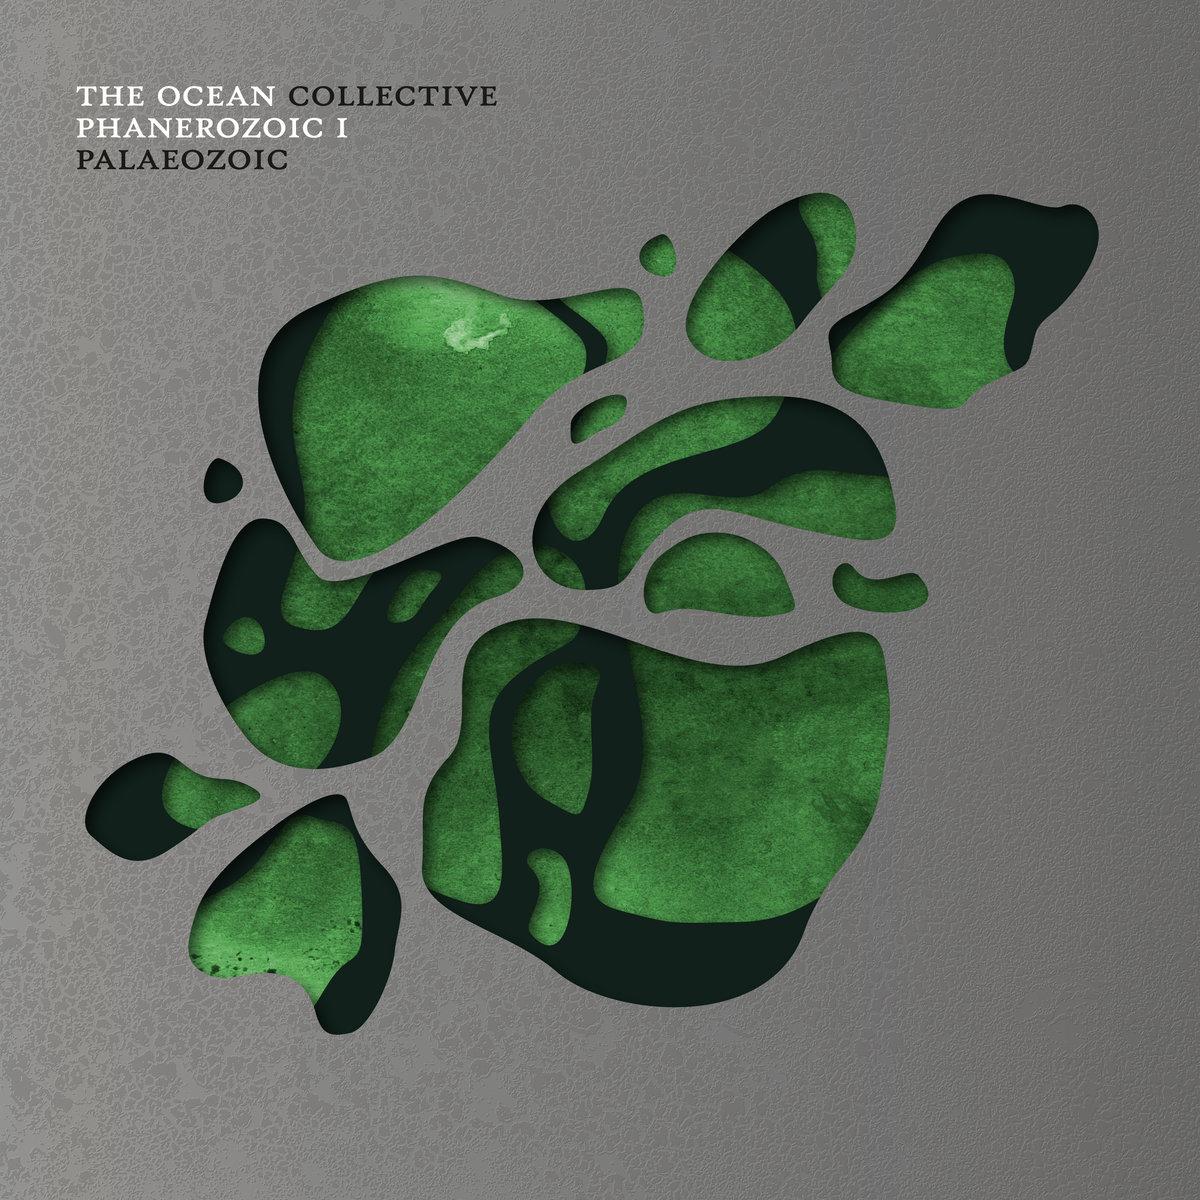 The Ocean: Phanerozoic I: Palaeozoic